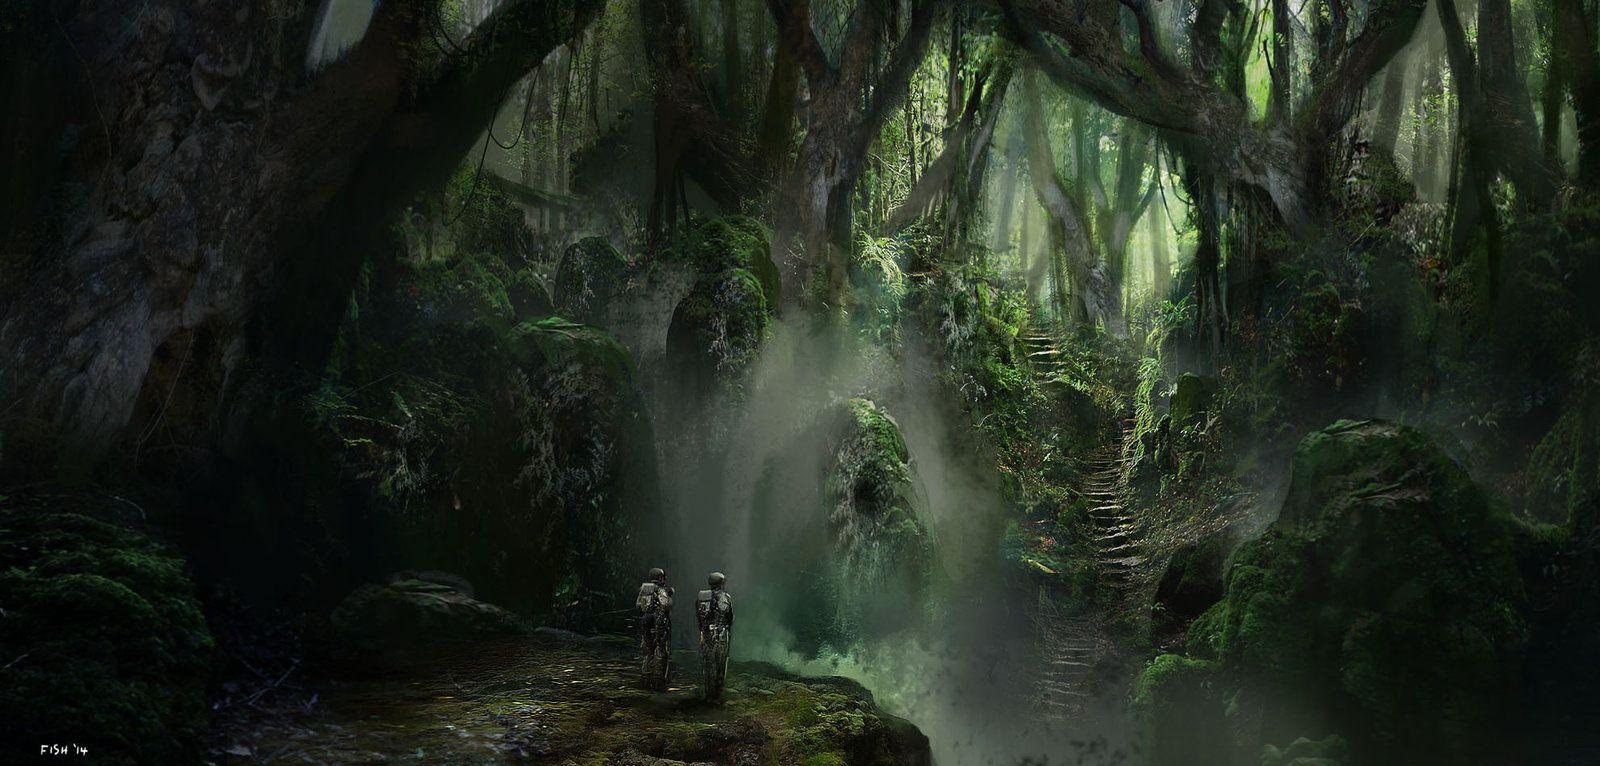 Jungle Mist by Fish032.deviantart.com on @DeviantArt